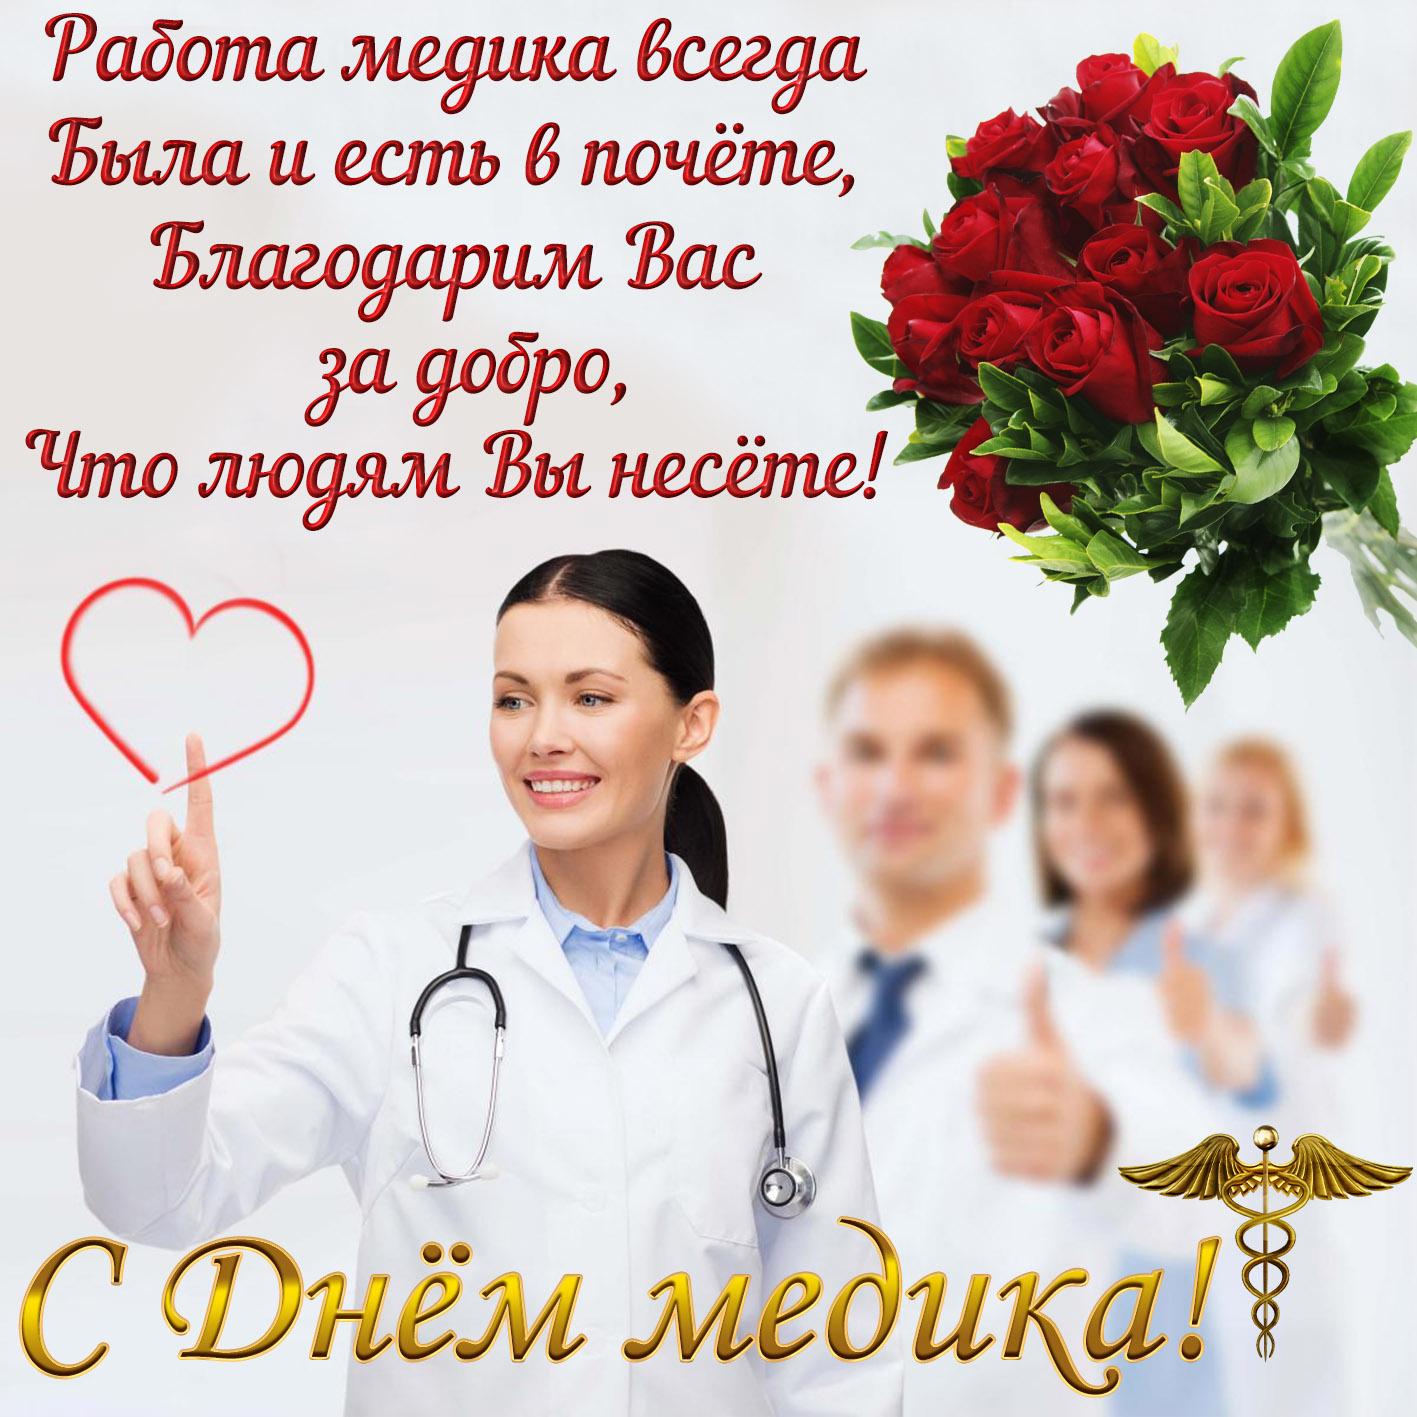 Авито новороссийск поздравления днем медика